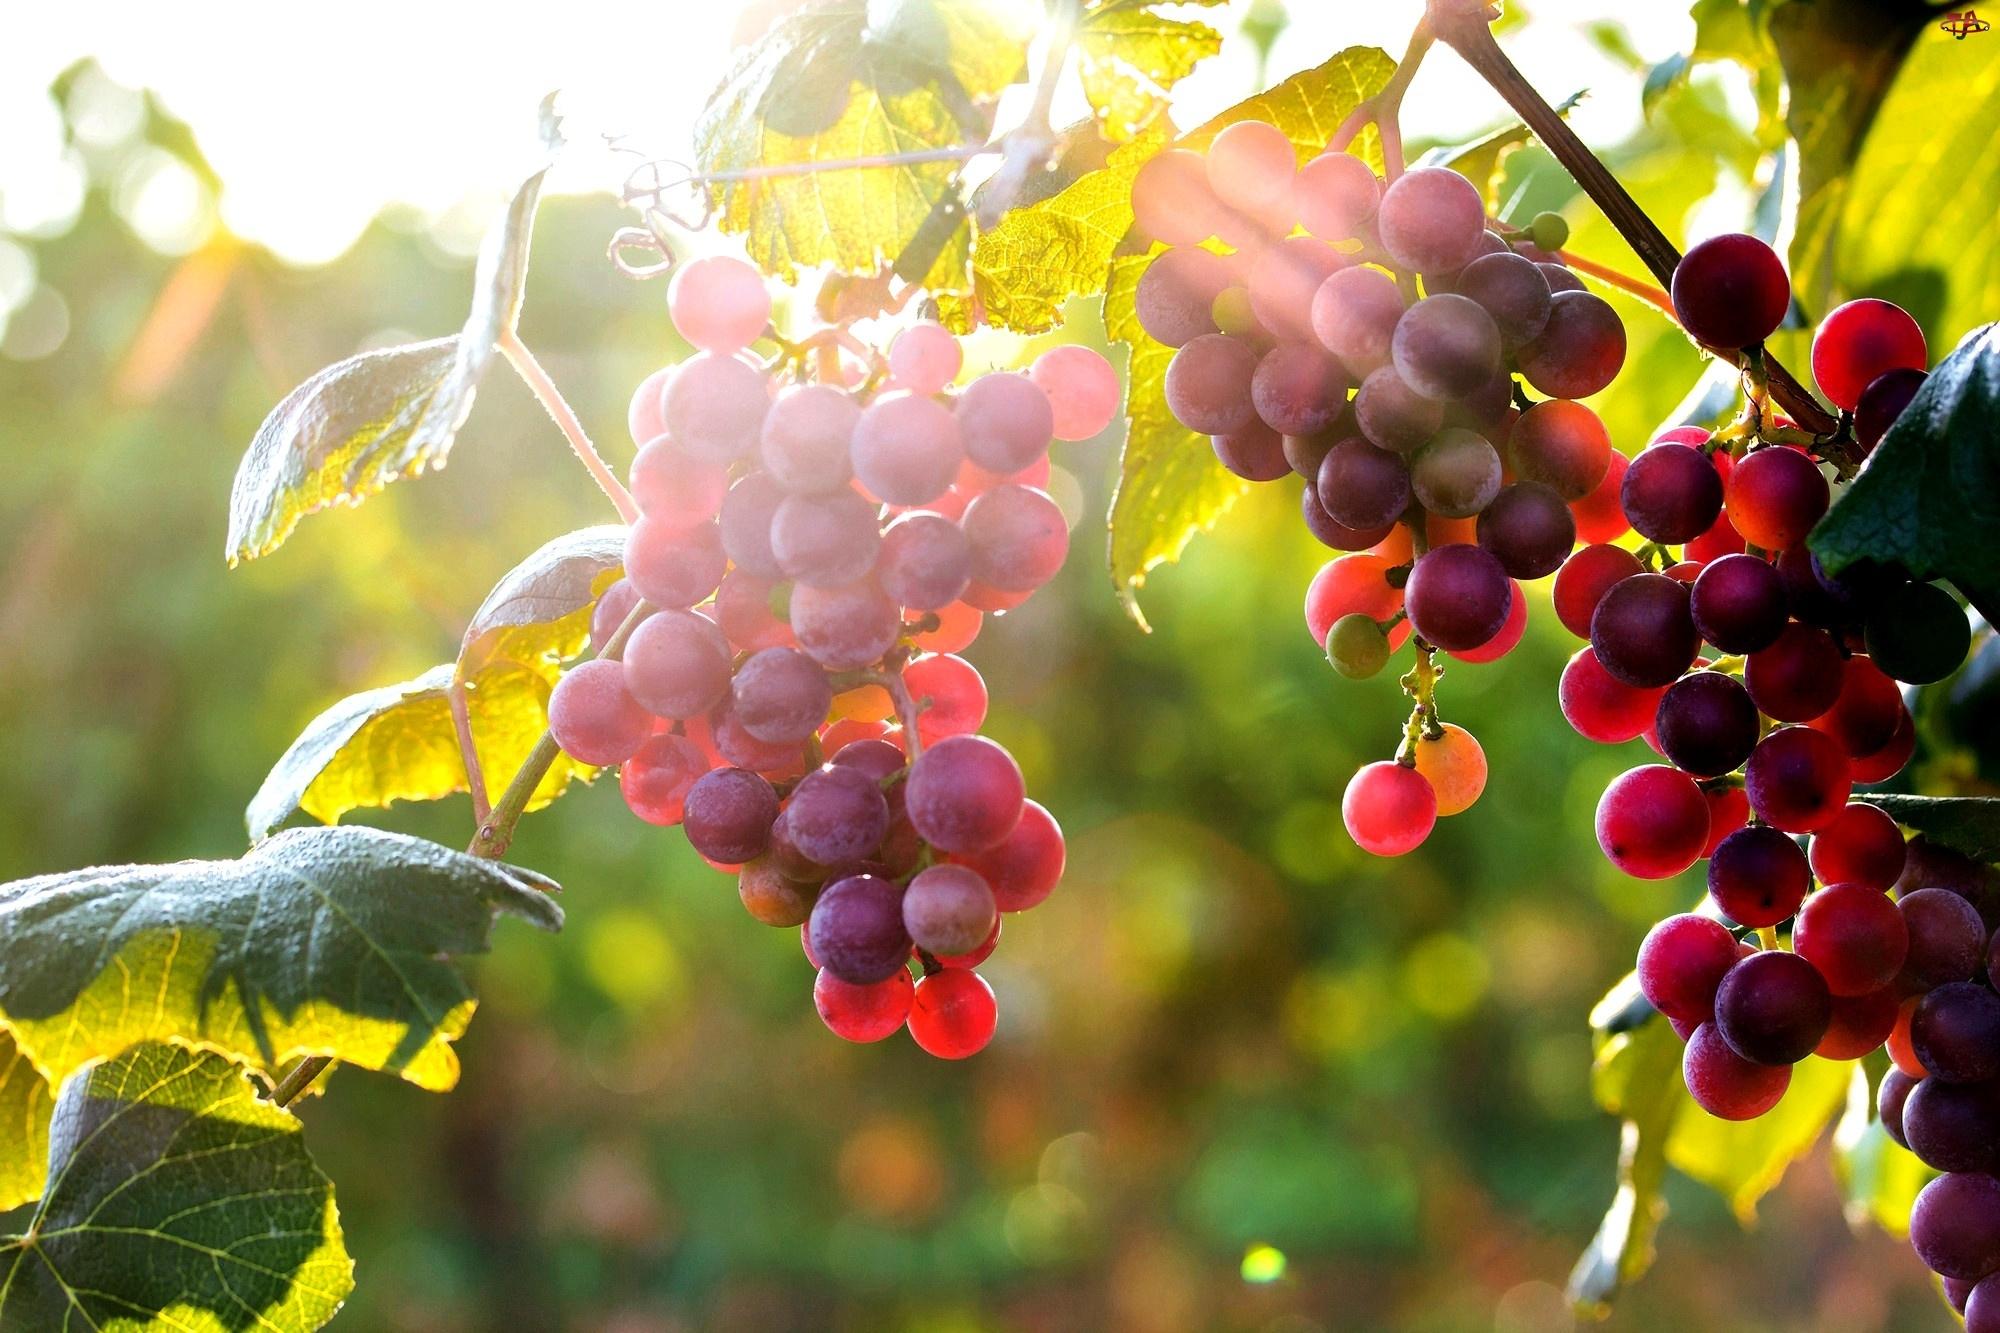 Słońca, Winogrona, Promienie